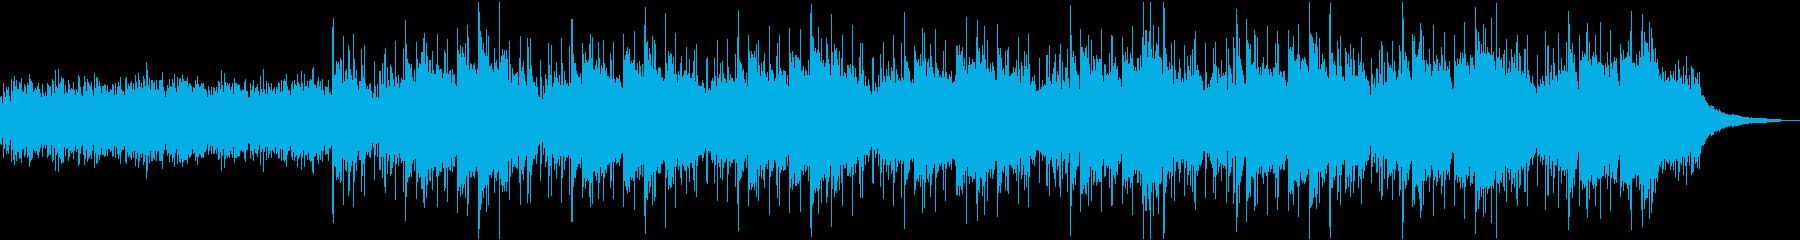 Acoustic Suspenseの再生済みの波形